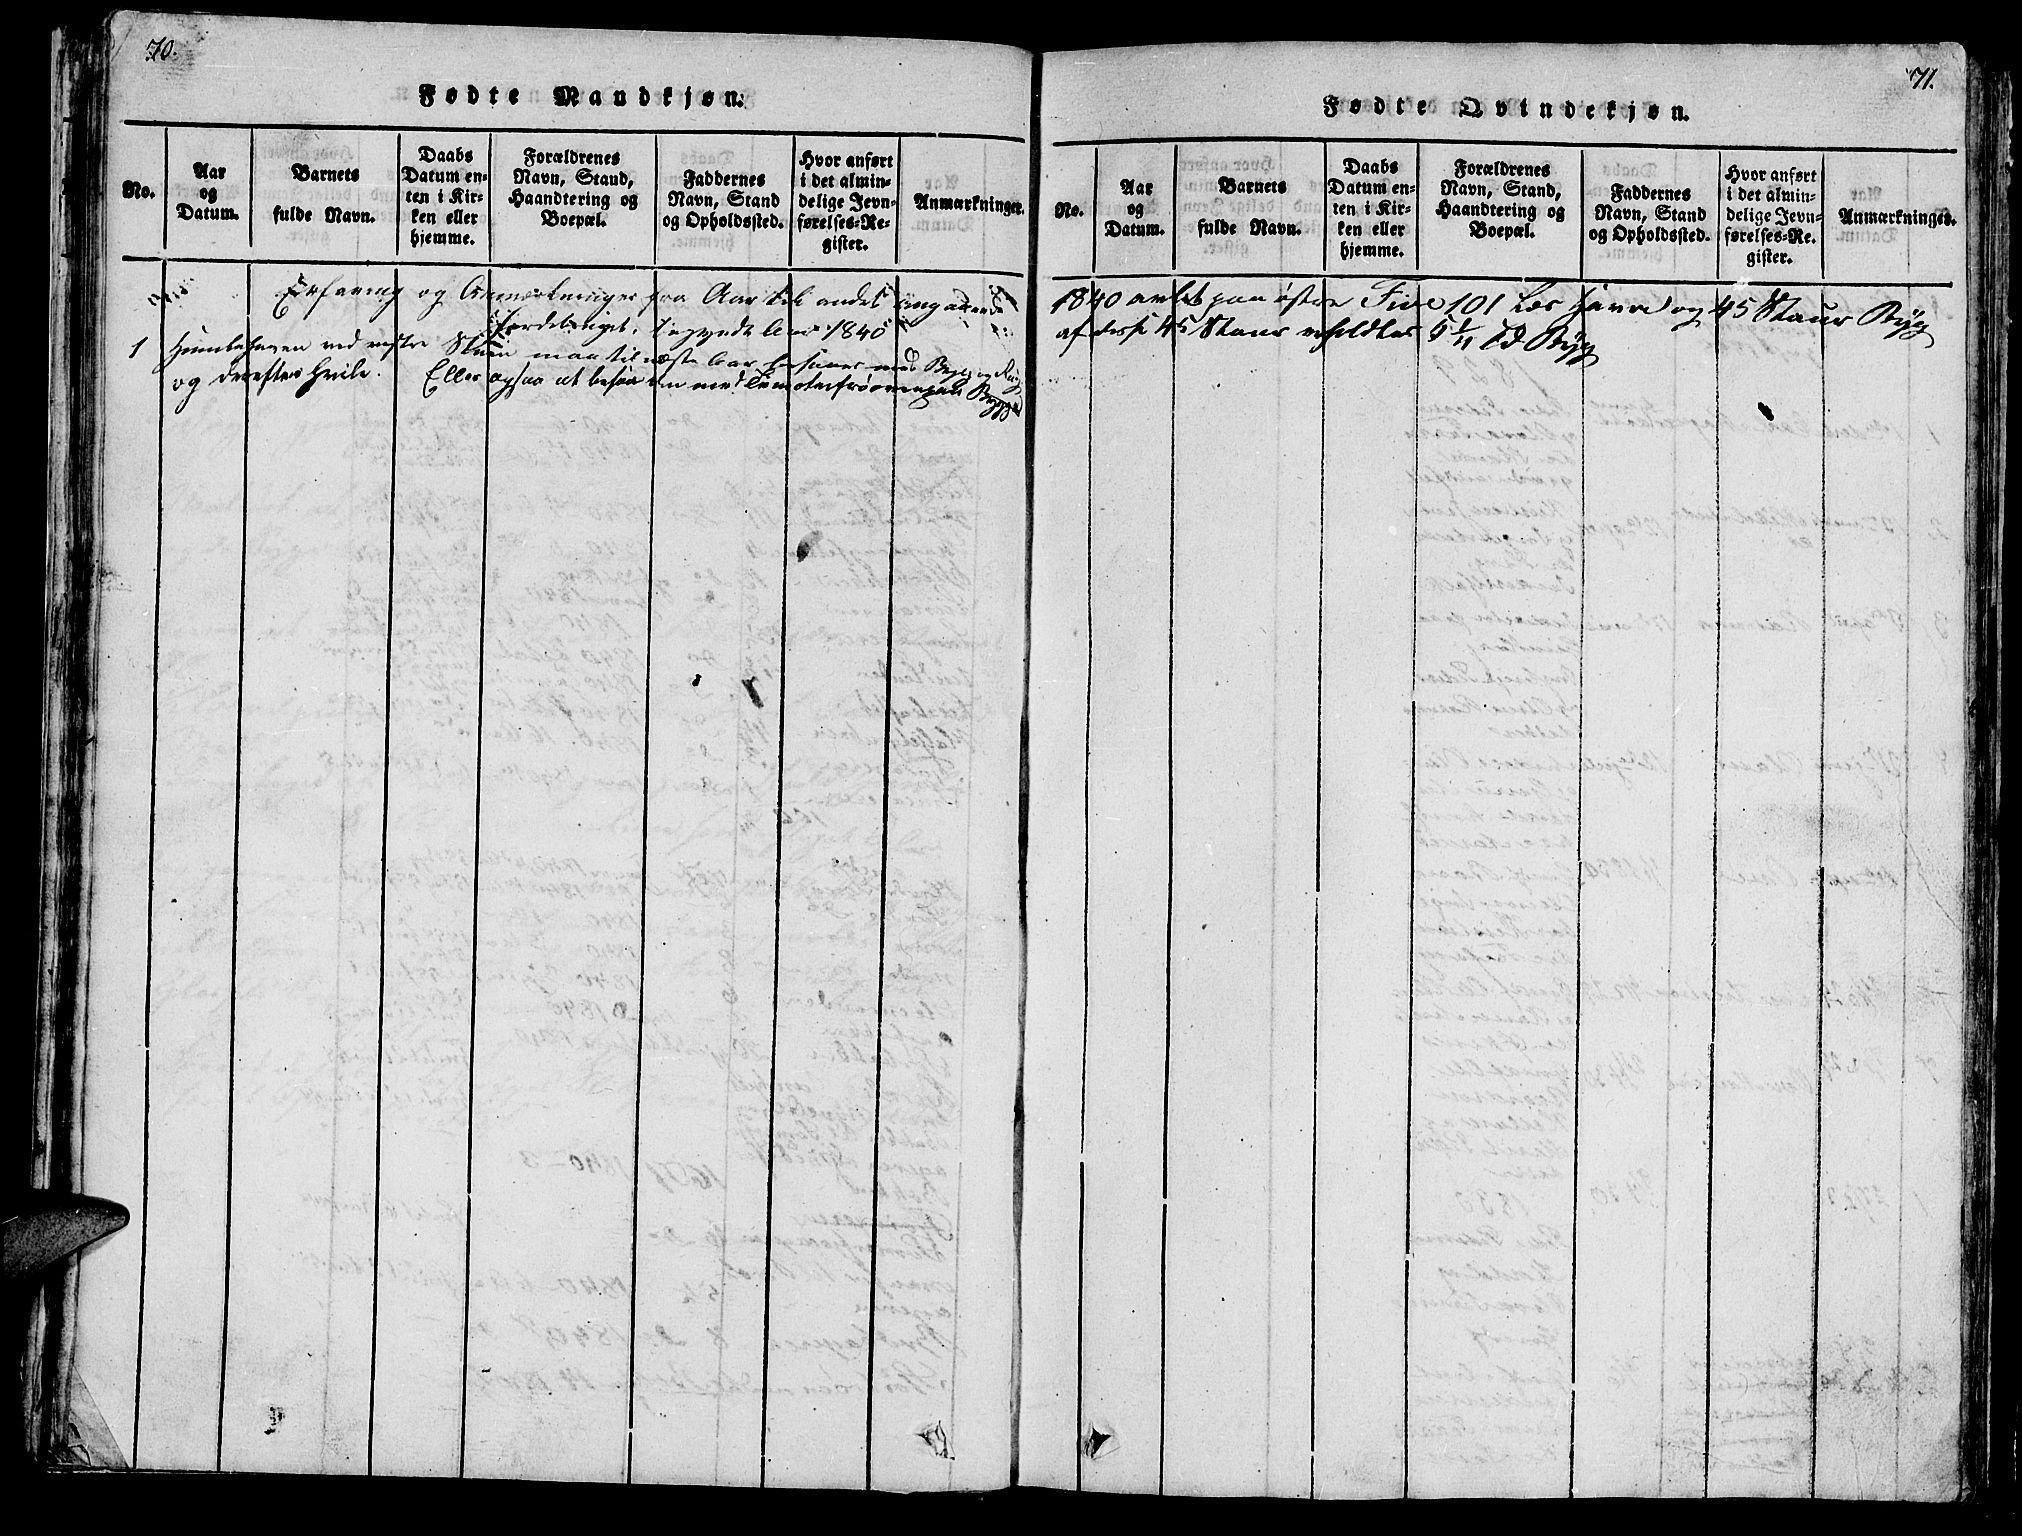 SAT, Ministerialprotokoller, klokkerbøker og fødselsregistre - Nord-Trøndelag, 747/L0459: Klokkerbok nr. 747C01, 1816-1842, s. 70-71